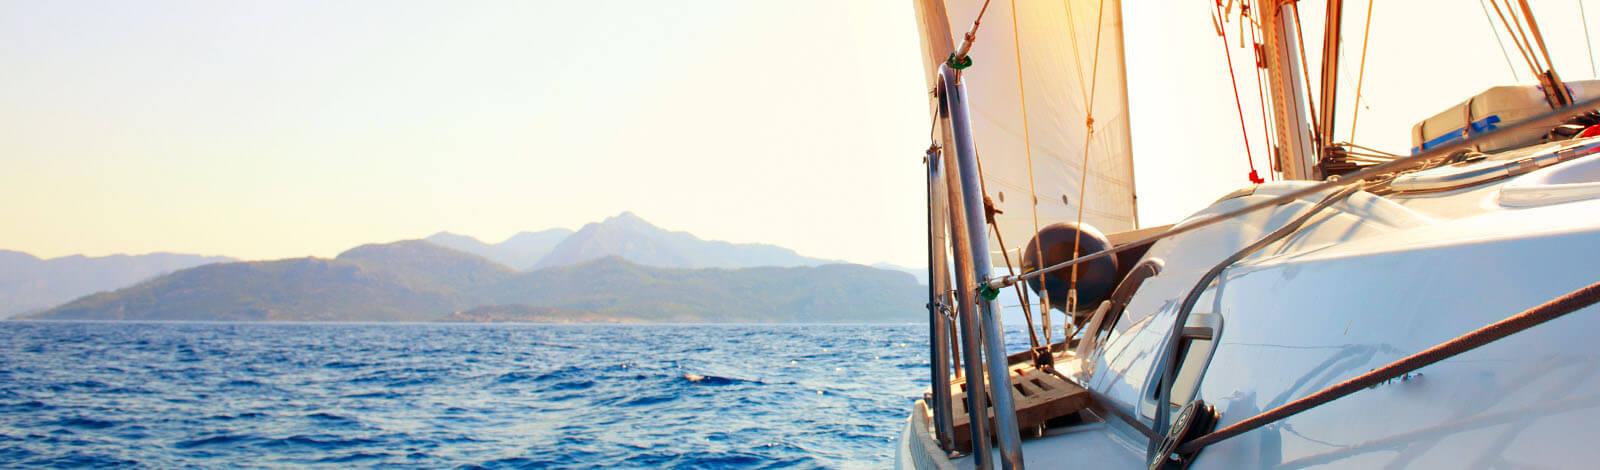 sailboat_header